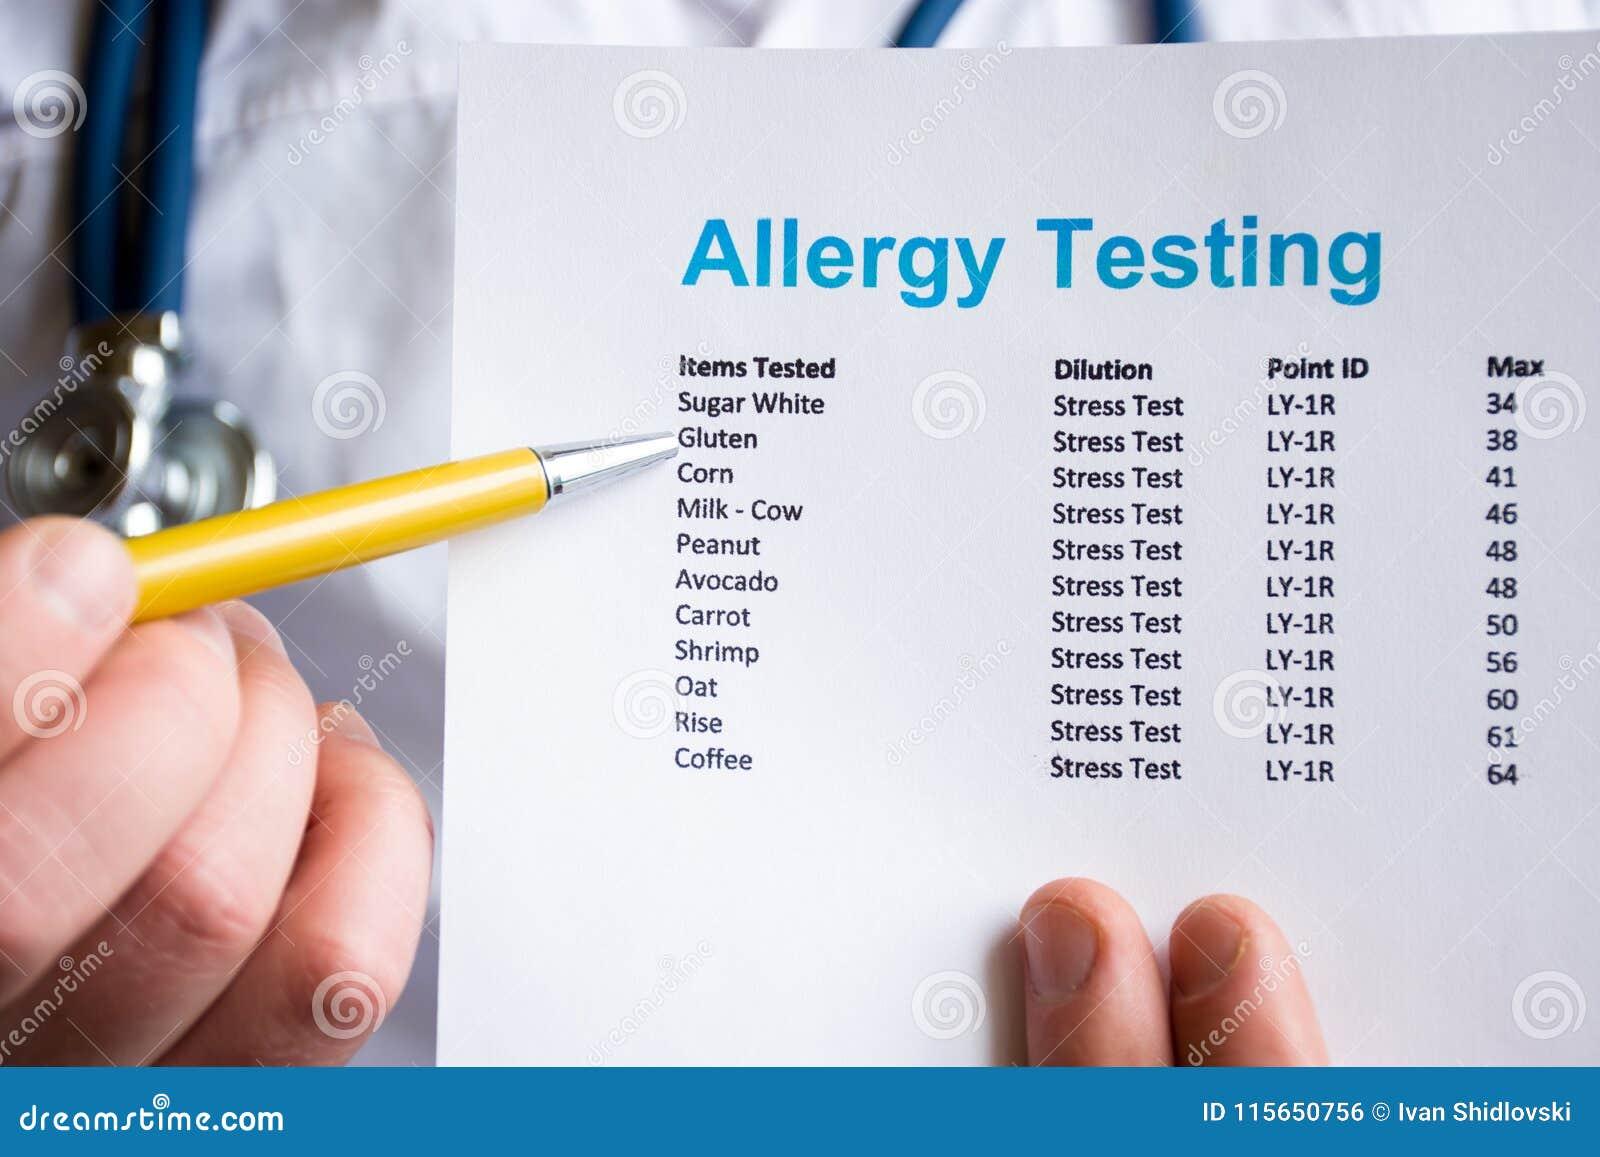 Анализ и испытание для концепции фото аллергий Врачуйте пункты с ручкой в его руке на результате терпеливого испытания аллергии в